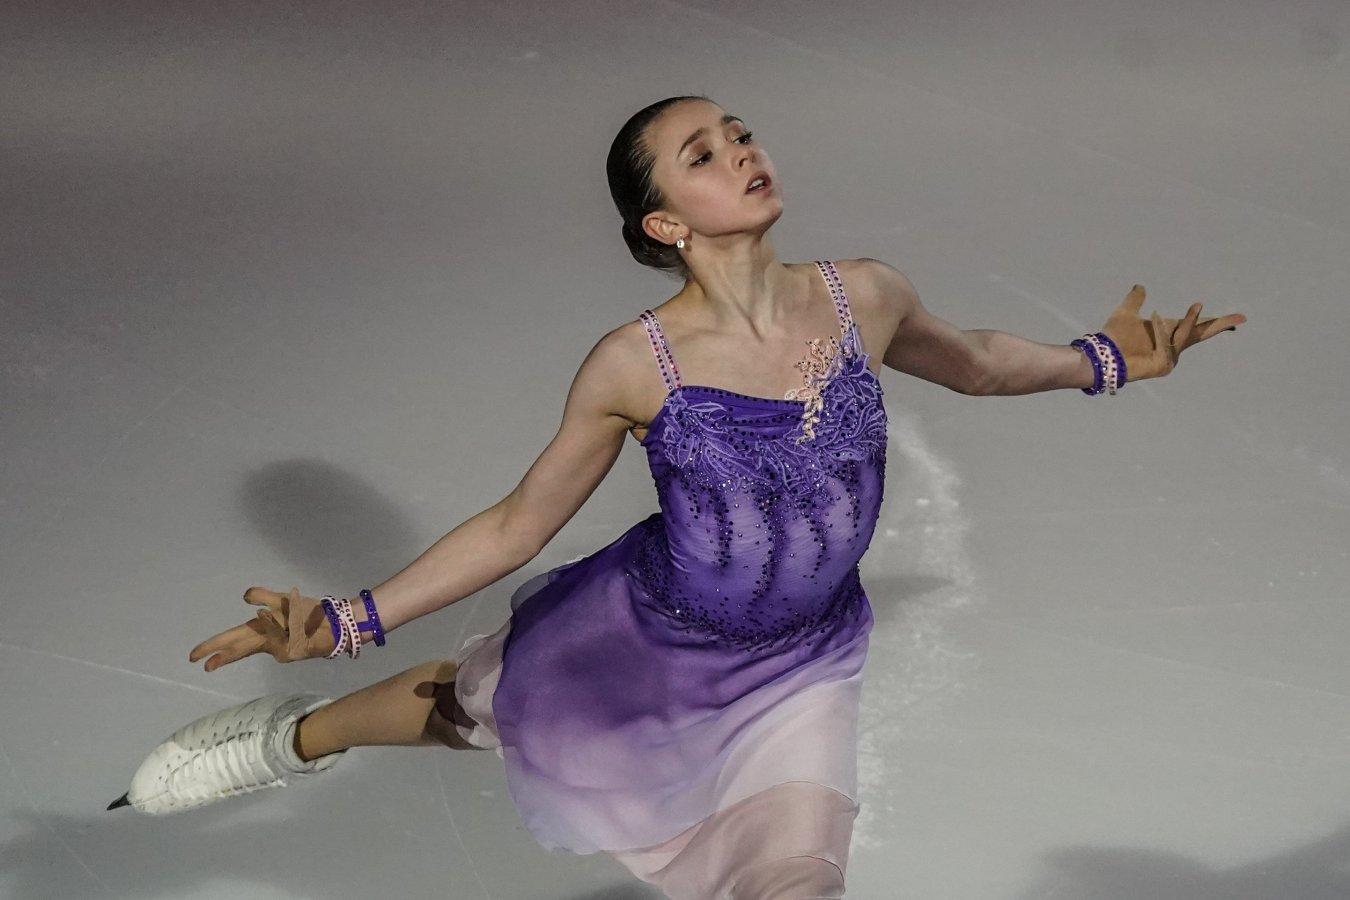 Инна Гончаренко прокомментировала два мировых рекорда Камилы Валиевой на одном турнире